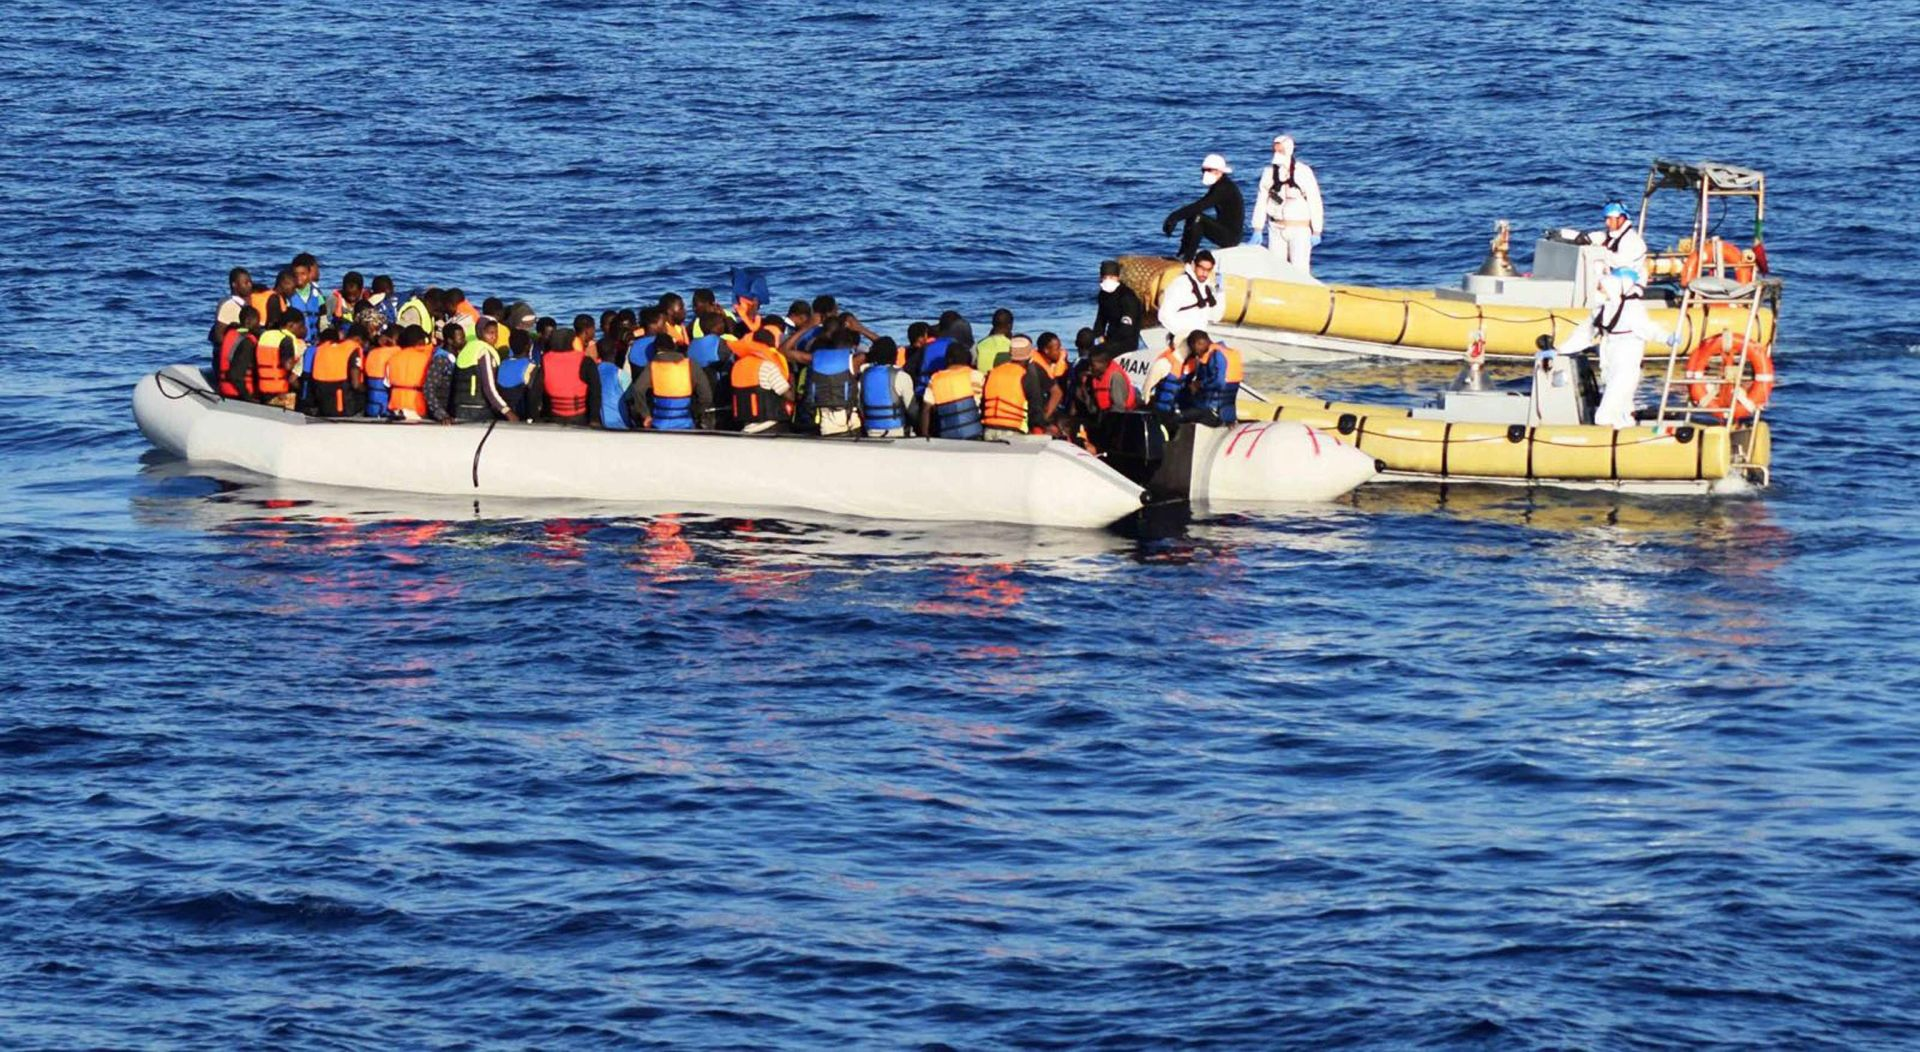 Španjolska obalna straža spasila 569 migranata u više od 20 plovila